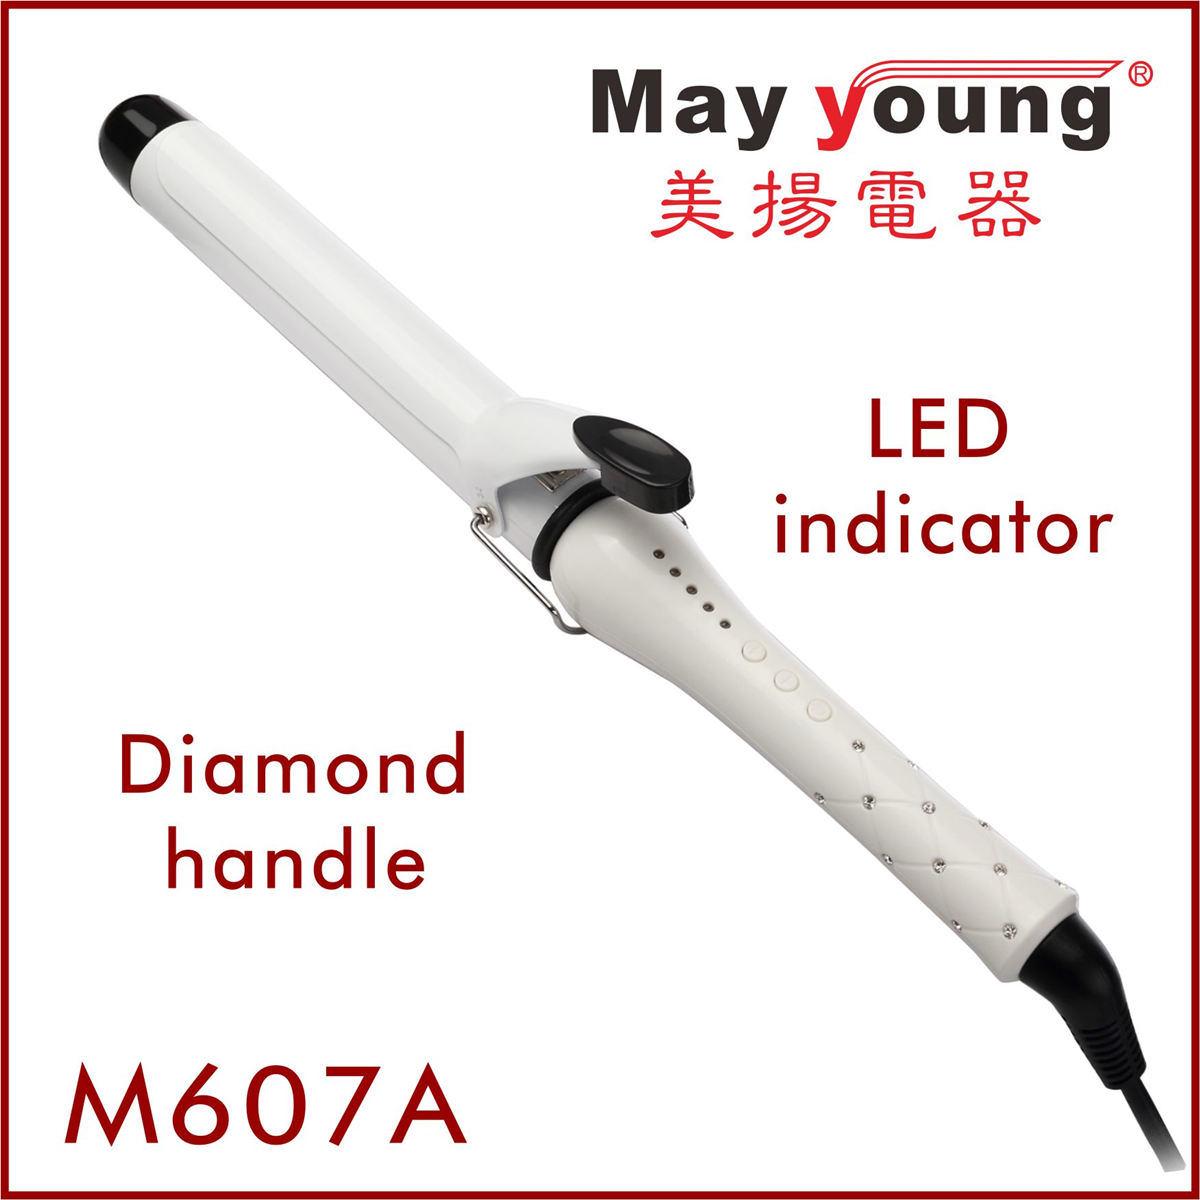 Manufacture 24 Diamond Handle Glaring&Luxury Ceramic Hair Curler